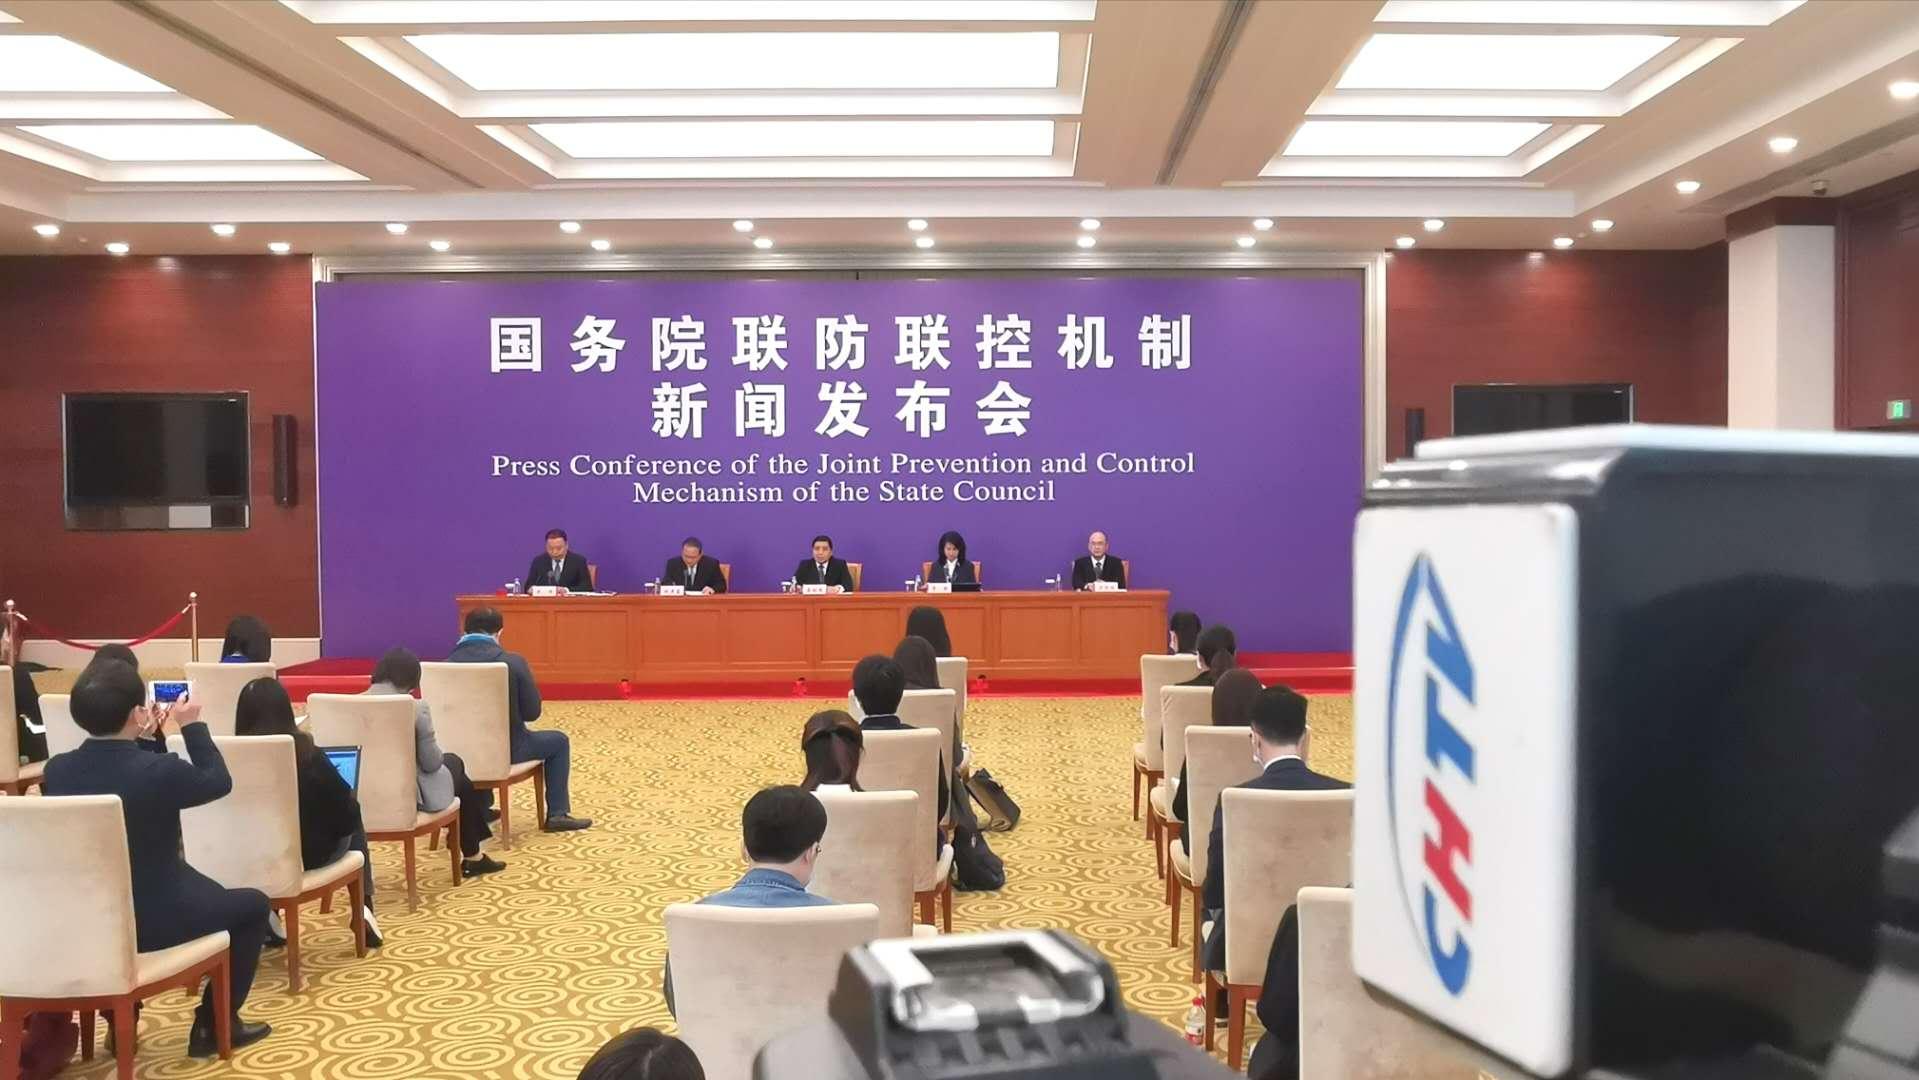 国务院联防联控机制就电子商务促进消费和助力经济提质升级工作情况举行发布会